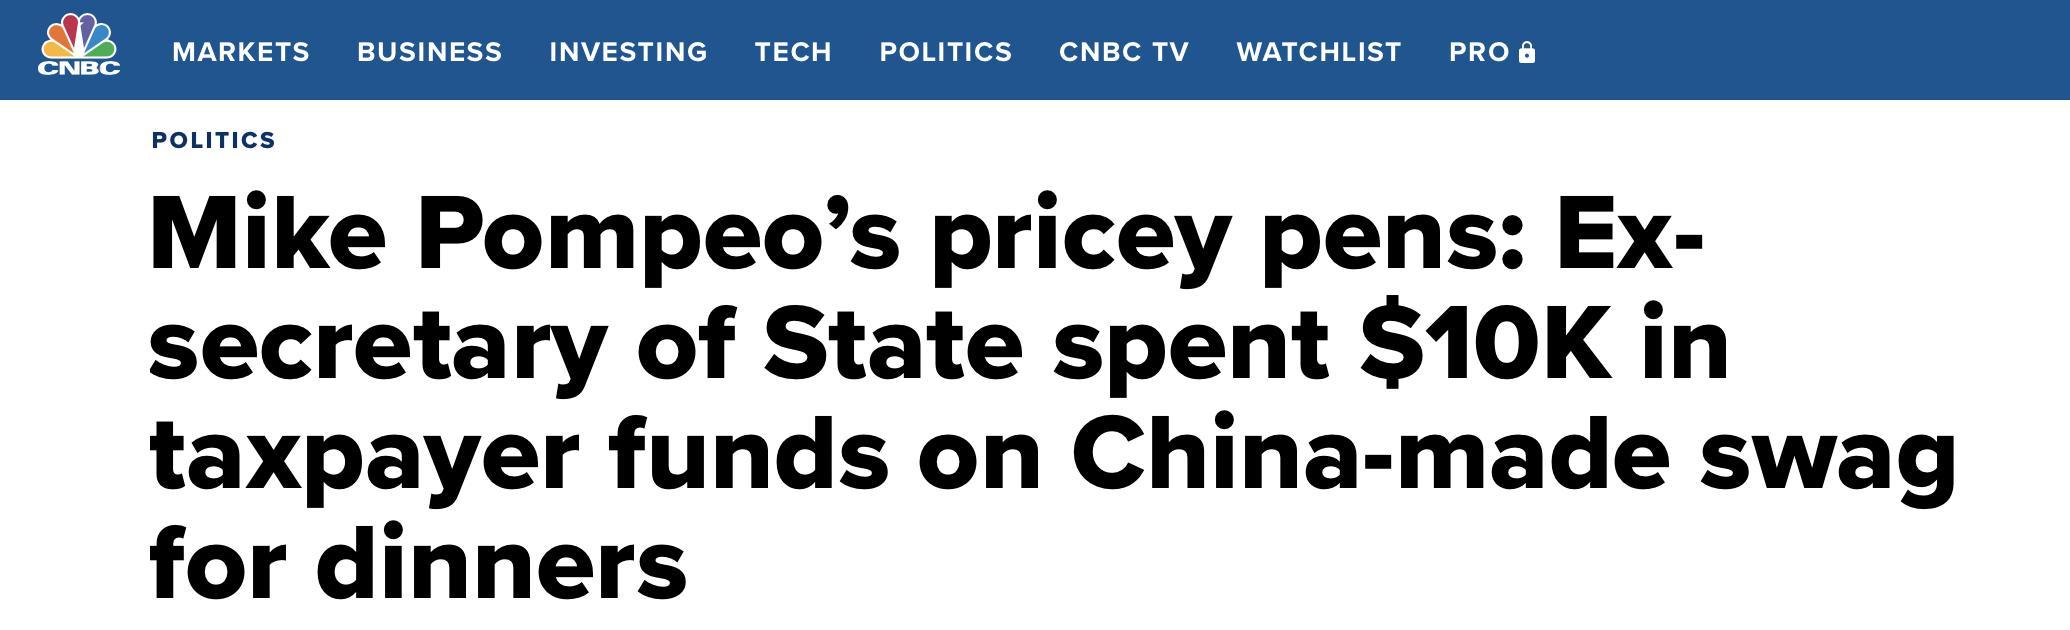 """美媒:蓬佩奥曾花超1万美元""""纳税人的钱""""买中国钢笔送宾客,当时他还就贸易指责中国"""